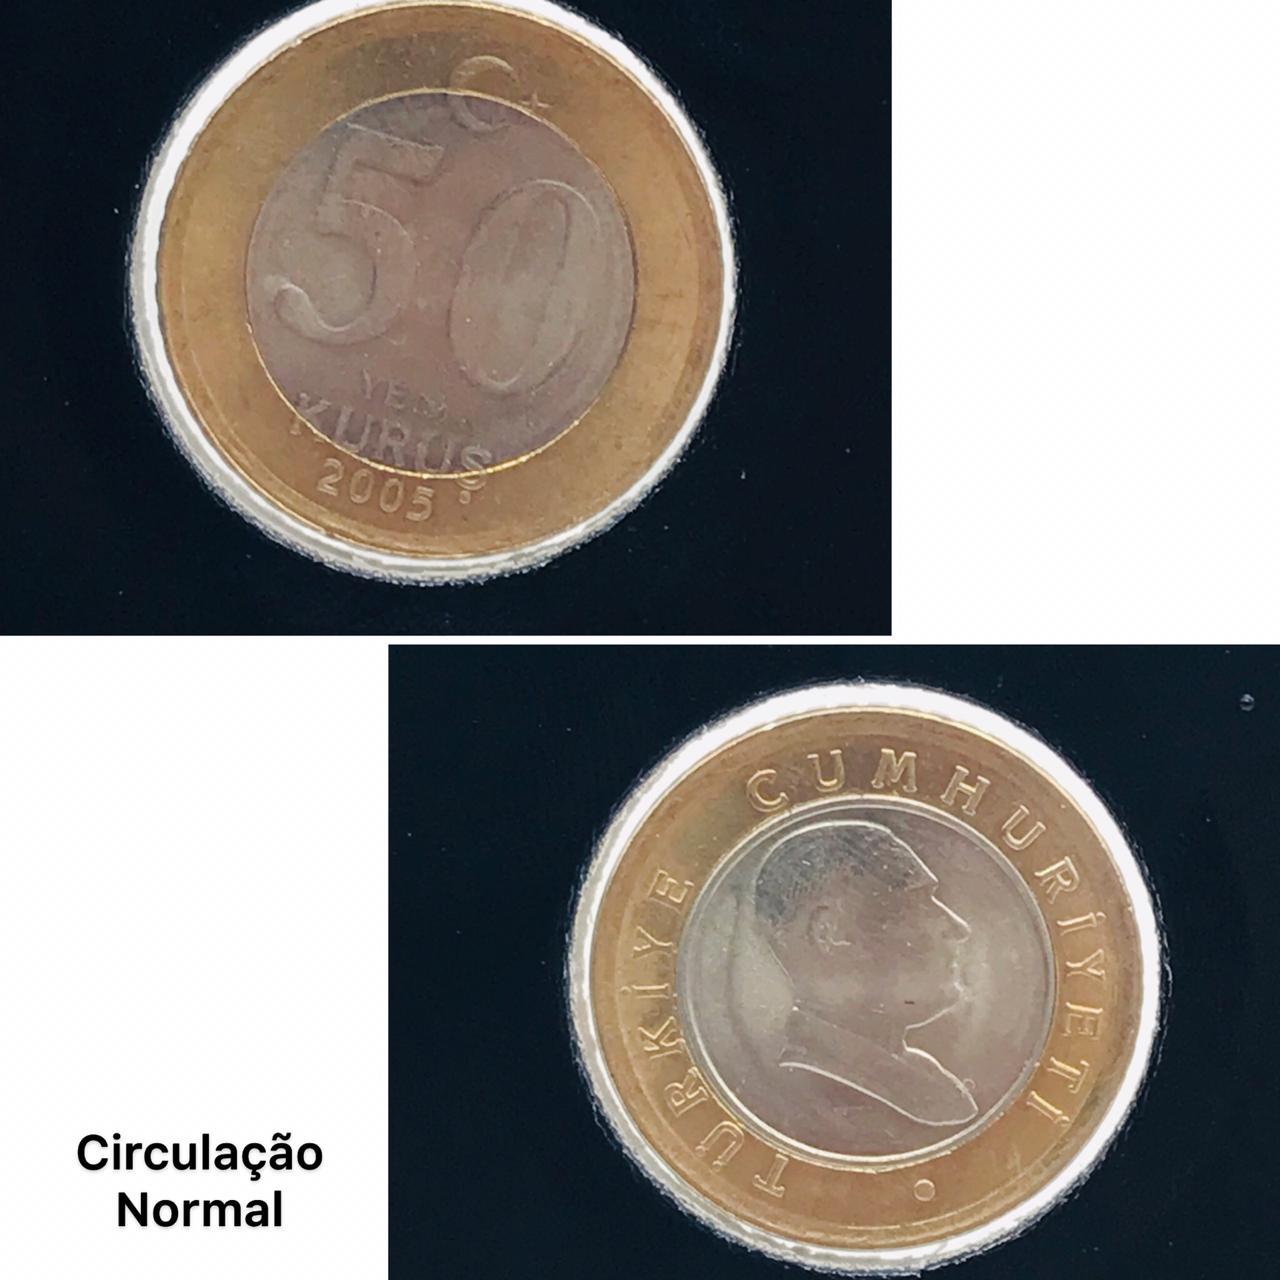 Moeda Turquia Bimetalica 50 Kurus 2005